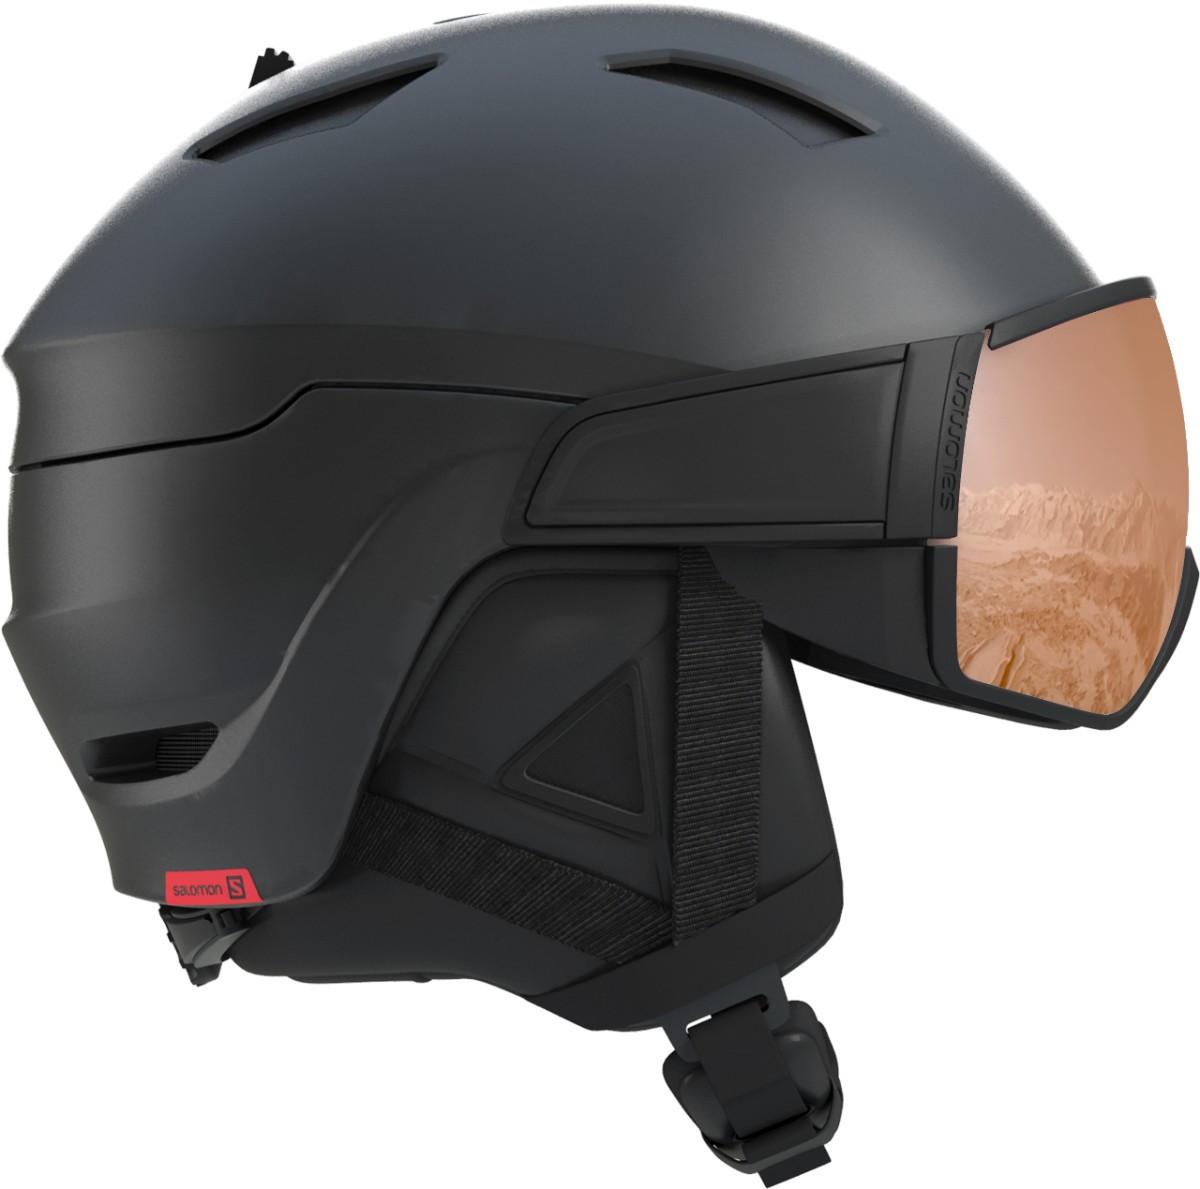 Salomon Driver S - černá Velikost helmy: S 2019/2020